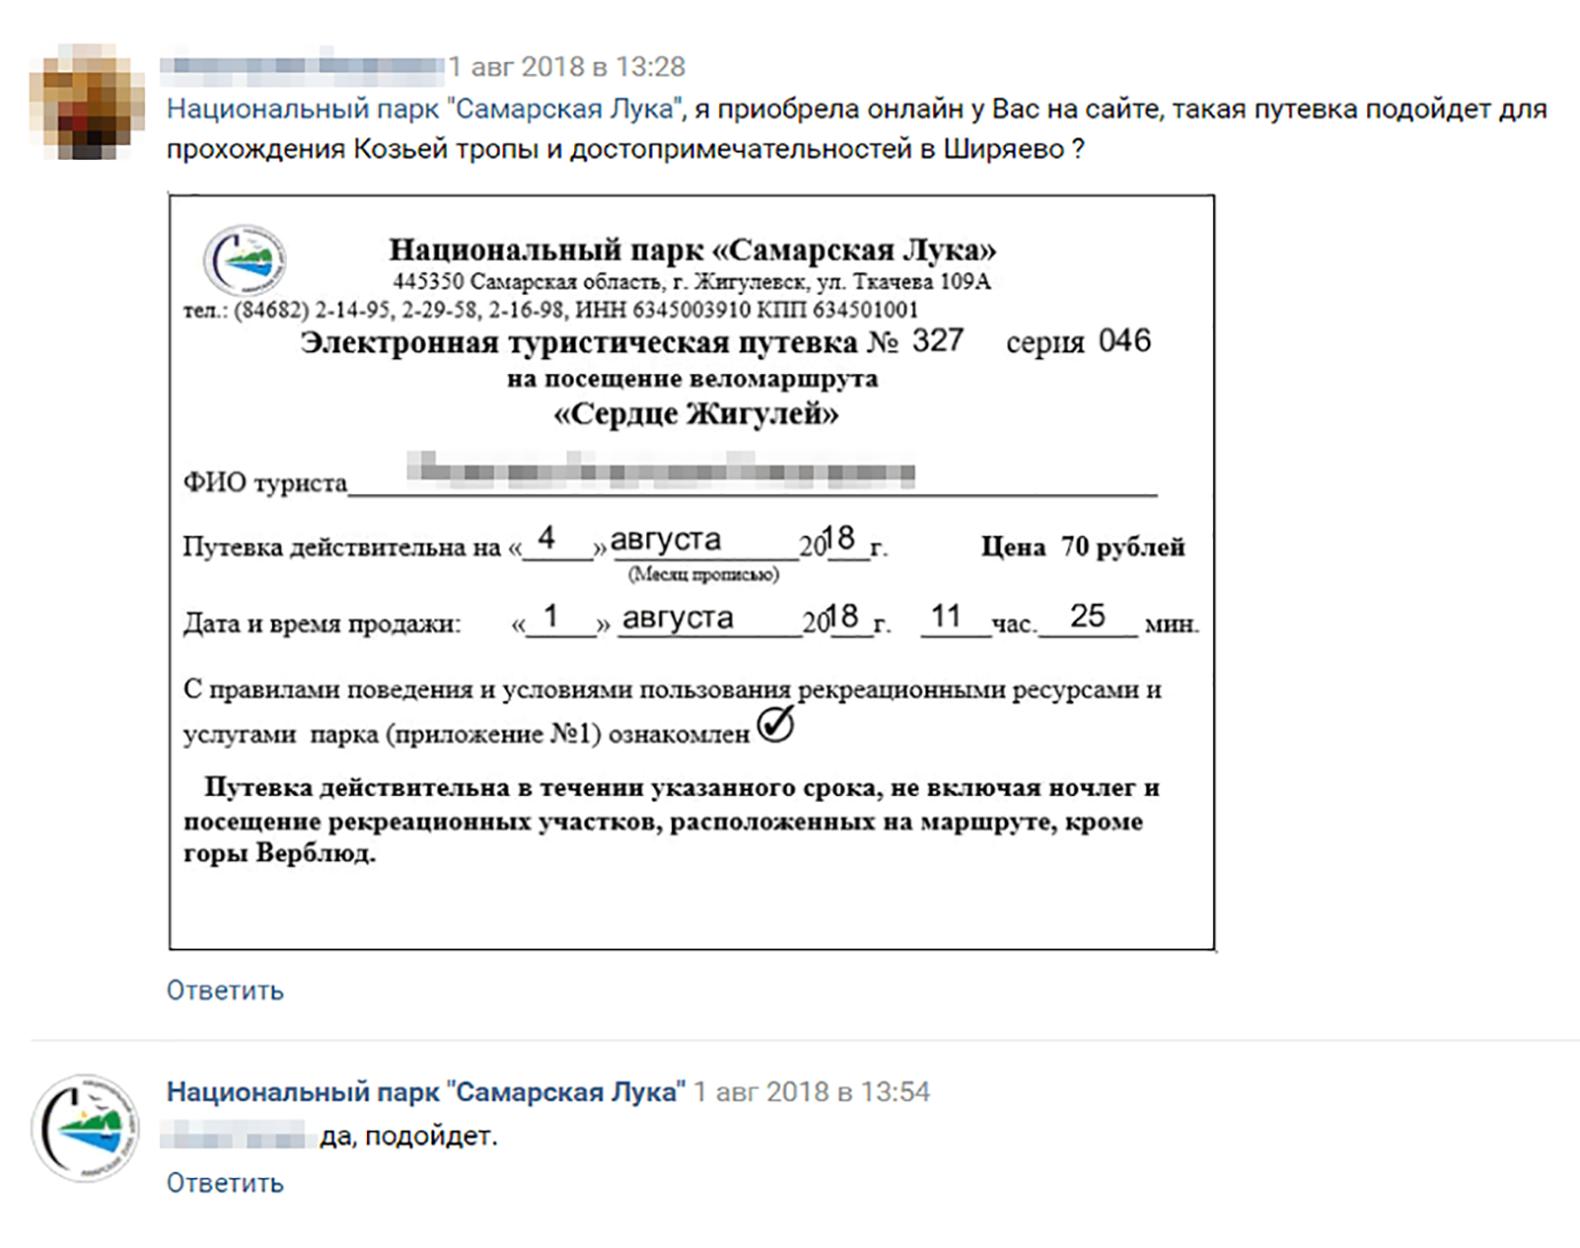 Так выглядит электронная путевка. Официальный аккаунт национального парка во «Вконтакте» подтвердил, что она действительна, несмотря на то, что путевку продает сторонний человек